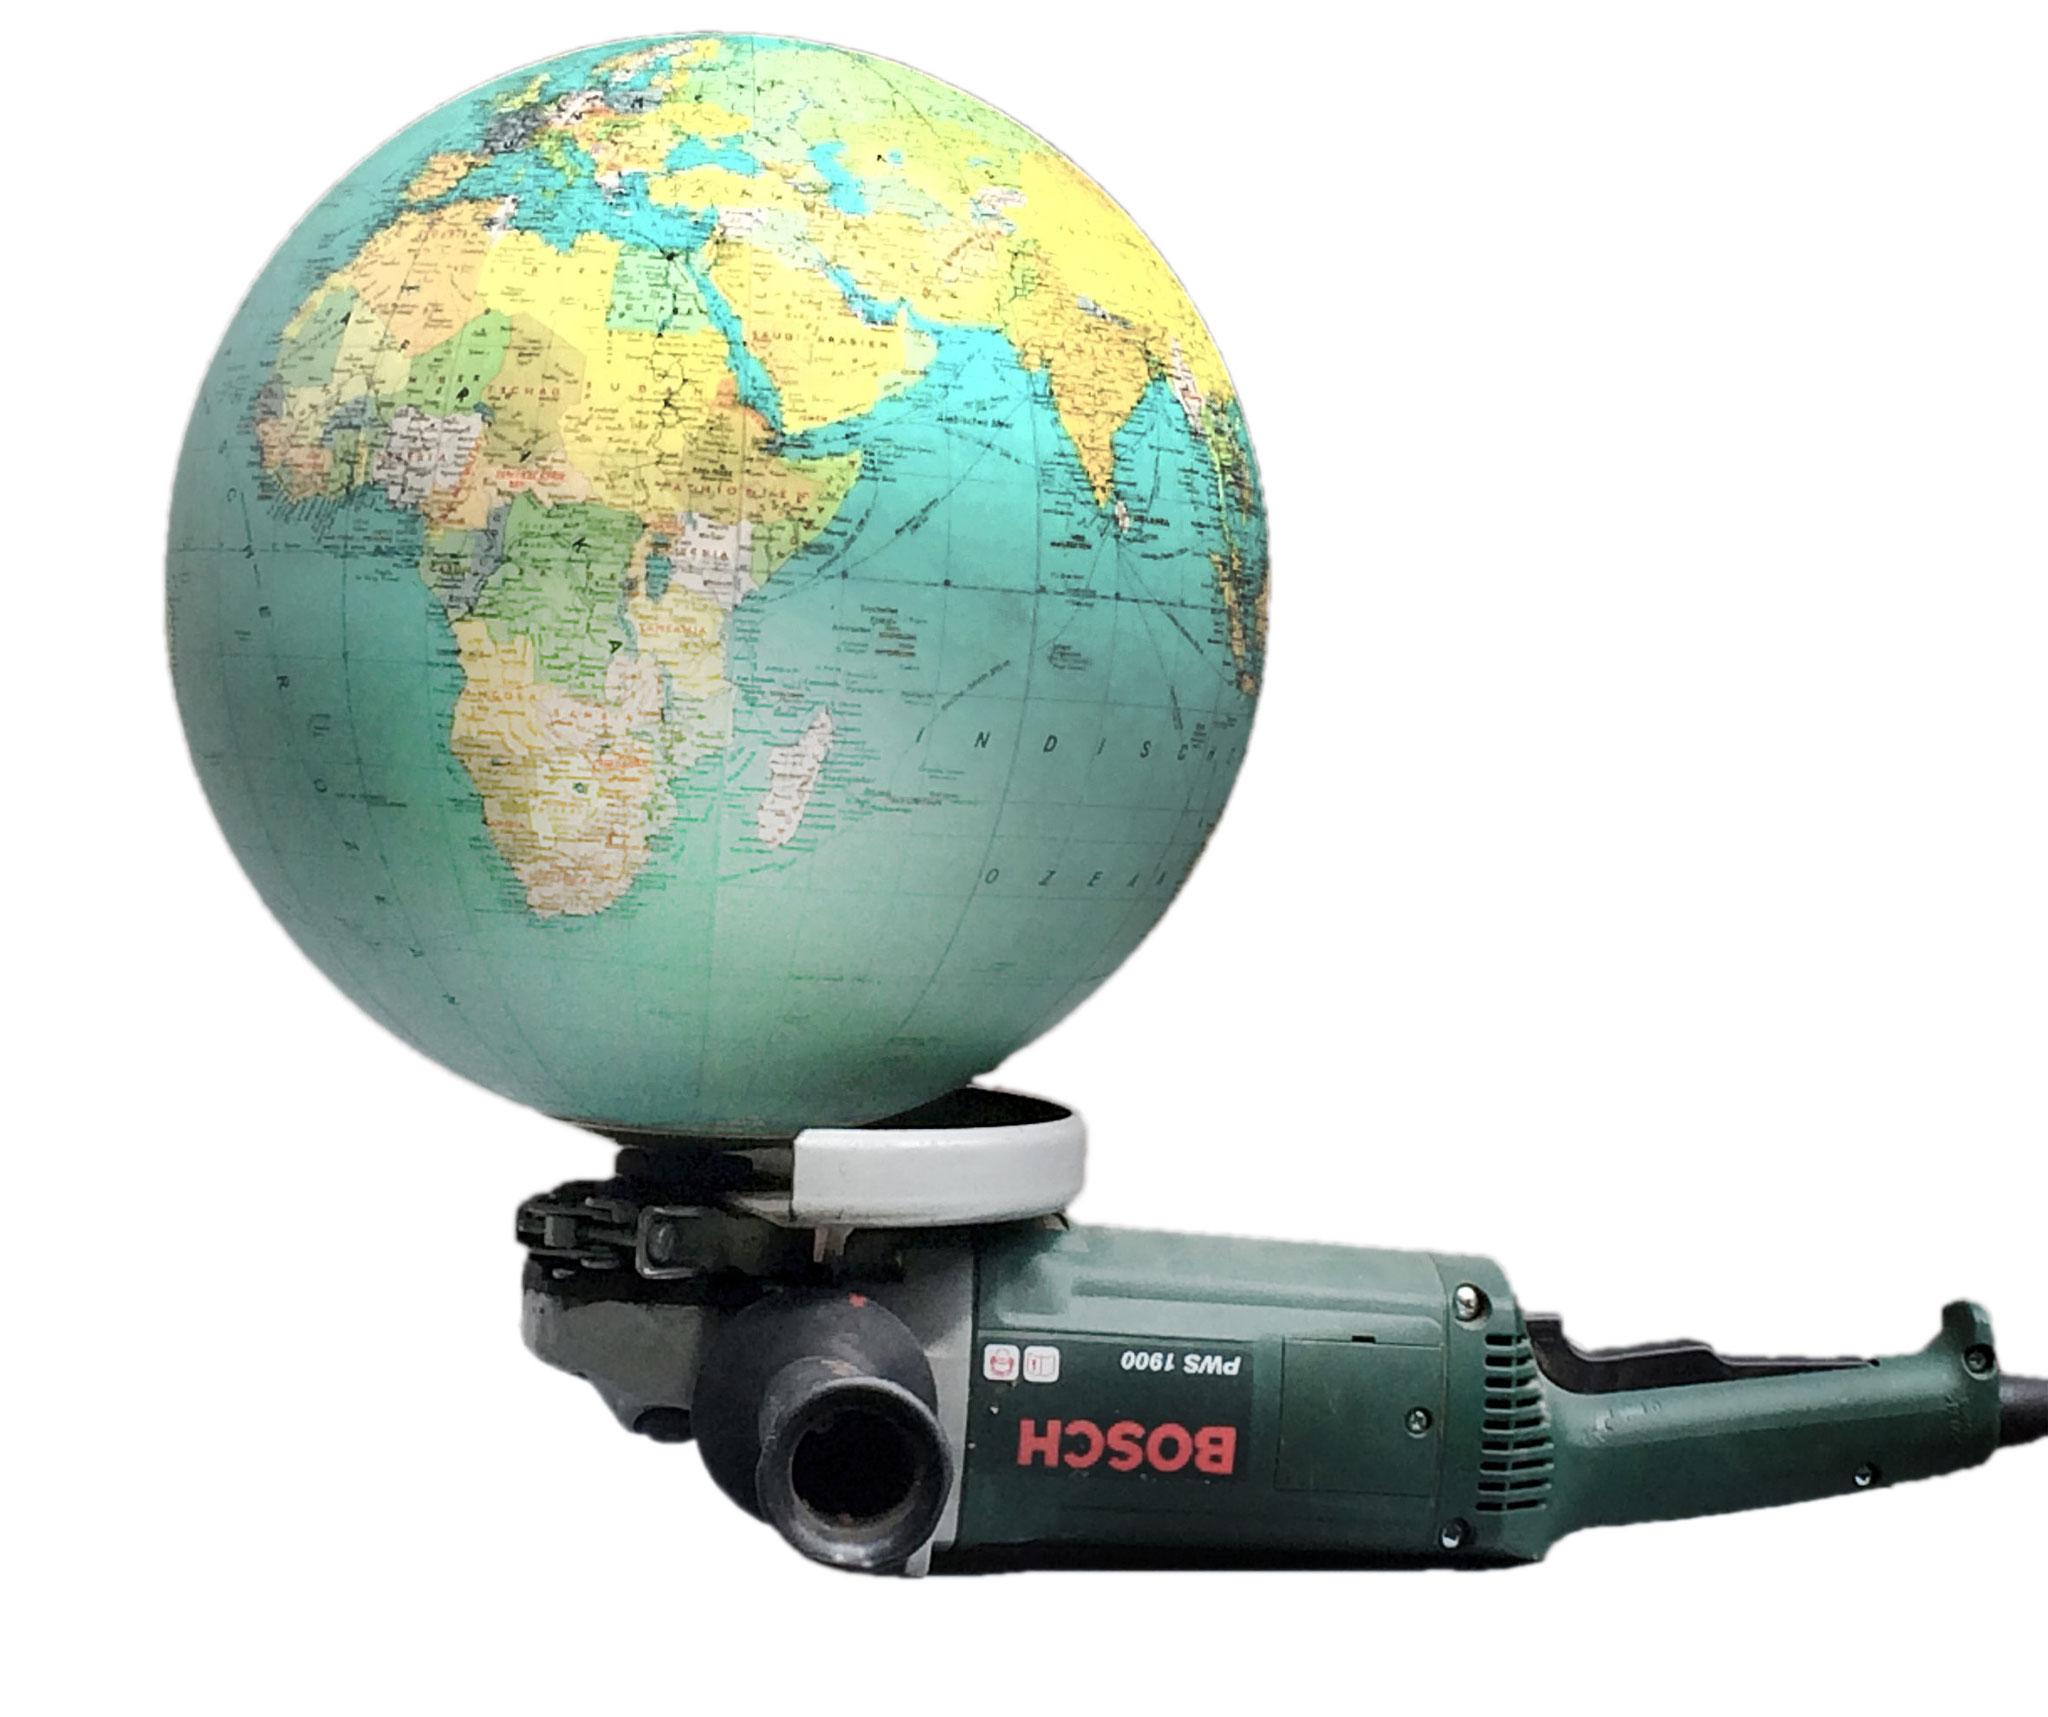 Weltbeschleuniger / Speeding up the Globe